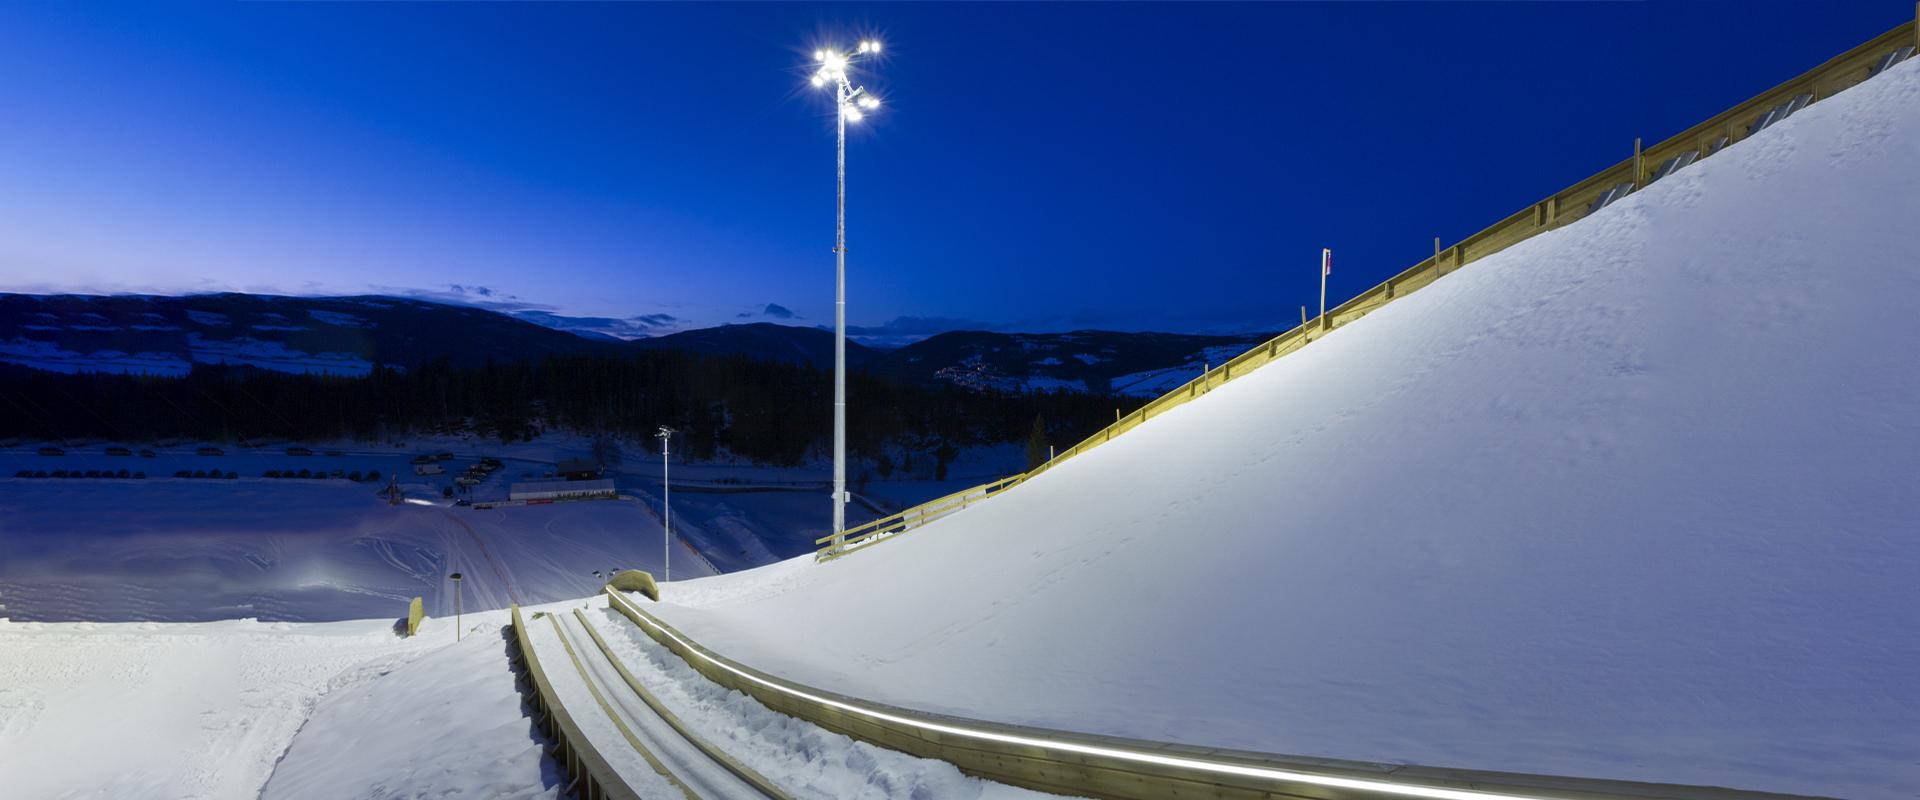 Faro LED ad alta potenza per grandi aree.